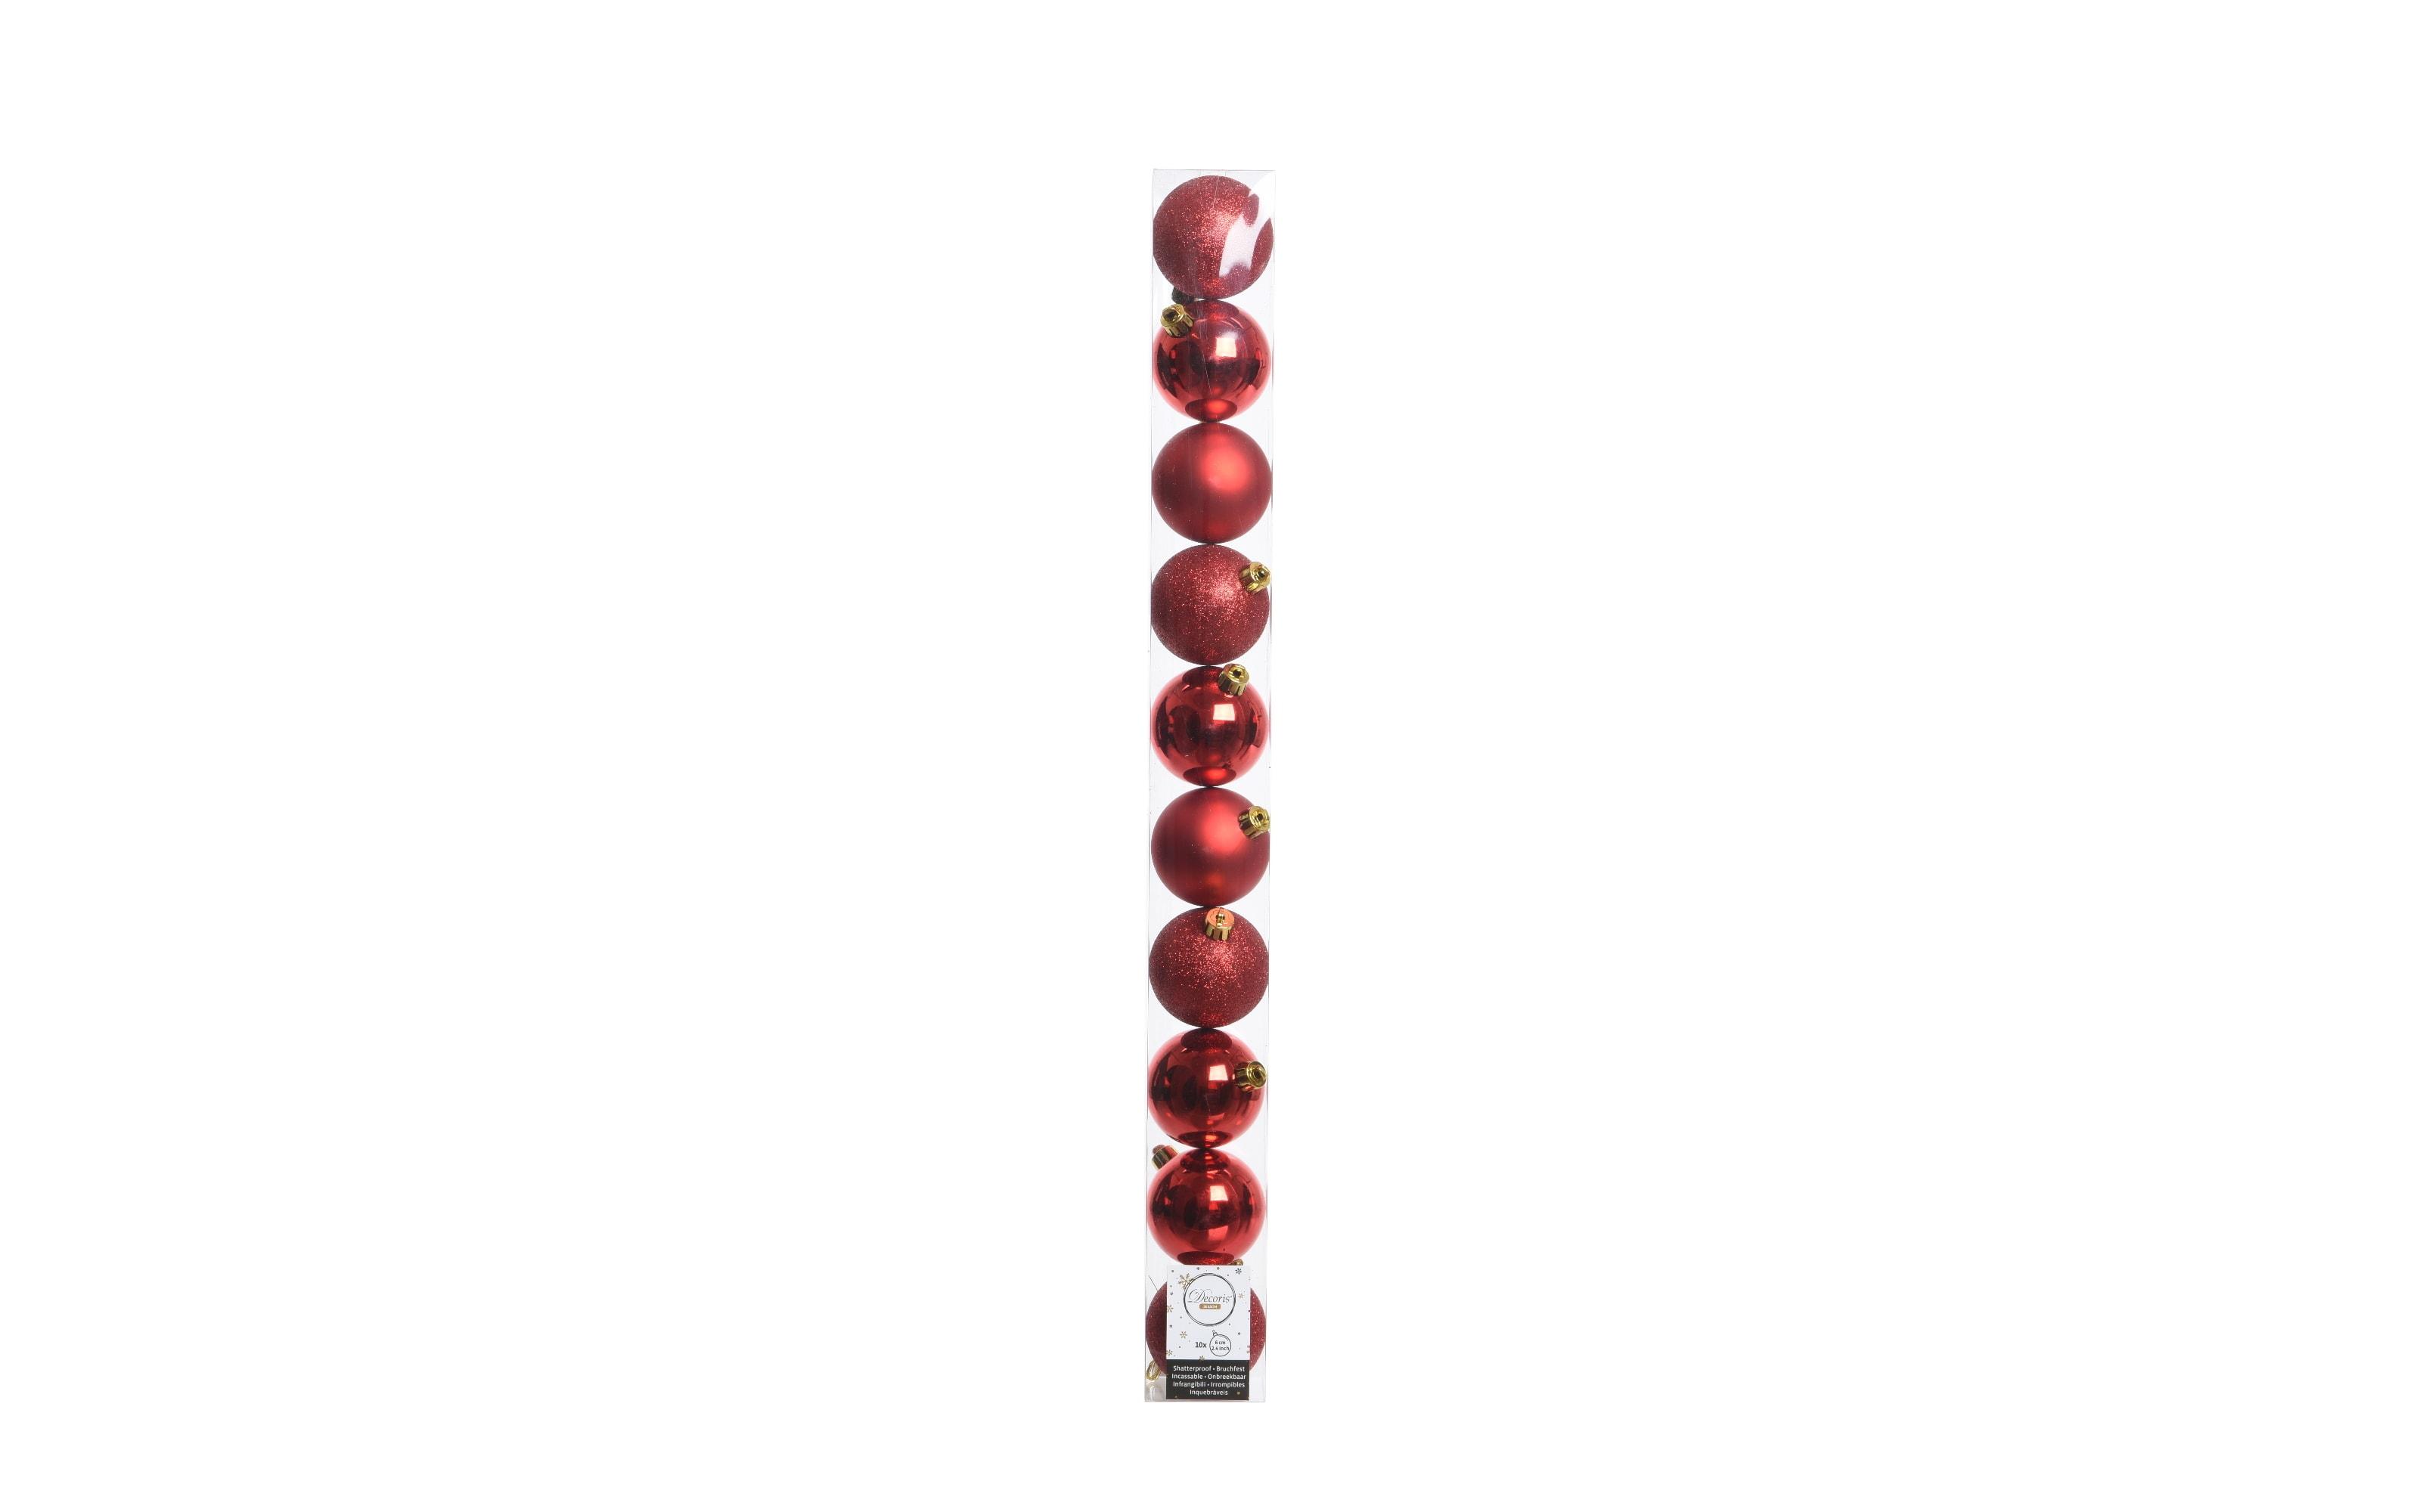 Deko Kugeln in weihnachtsrot, 6 cm